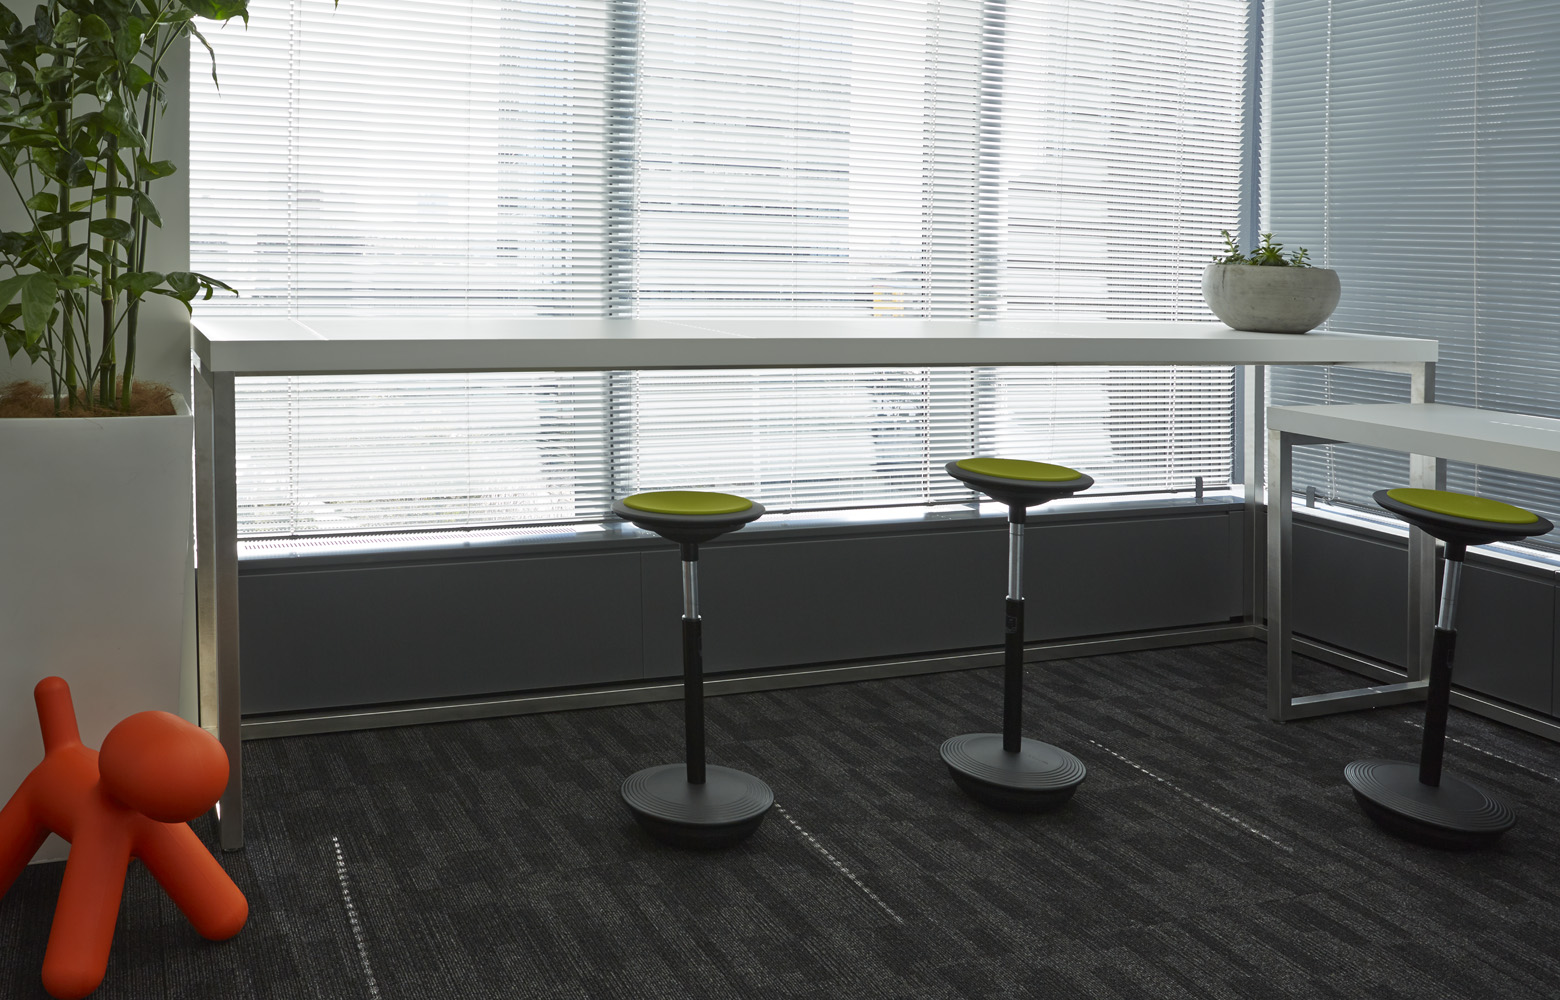 株式会社メディカル・ステージ Refresh Space_2 デザイン・レイアウト事例